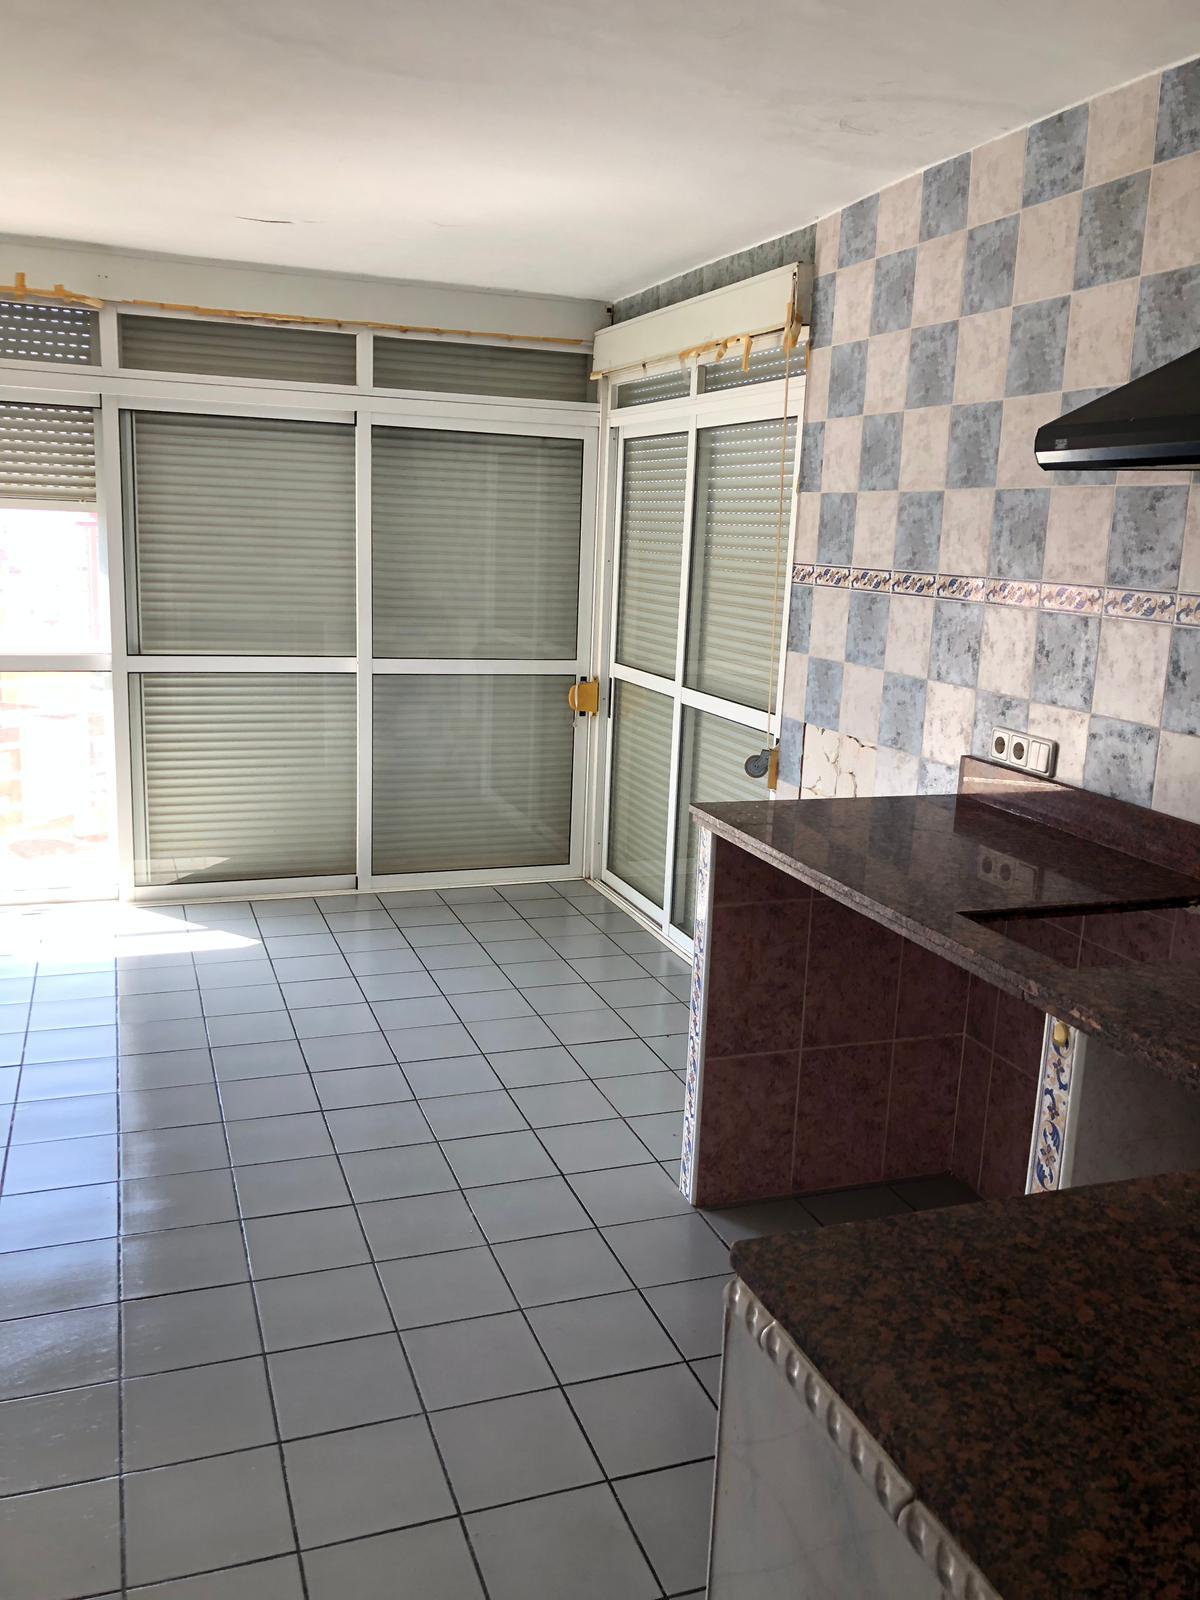 Piso en venta en Els Tolls - Imalsa, Benidorm, Alicante, Avenida Portugal, 29.000 €, 1 habitación, 1 baño, 35 m2